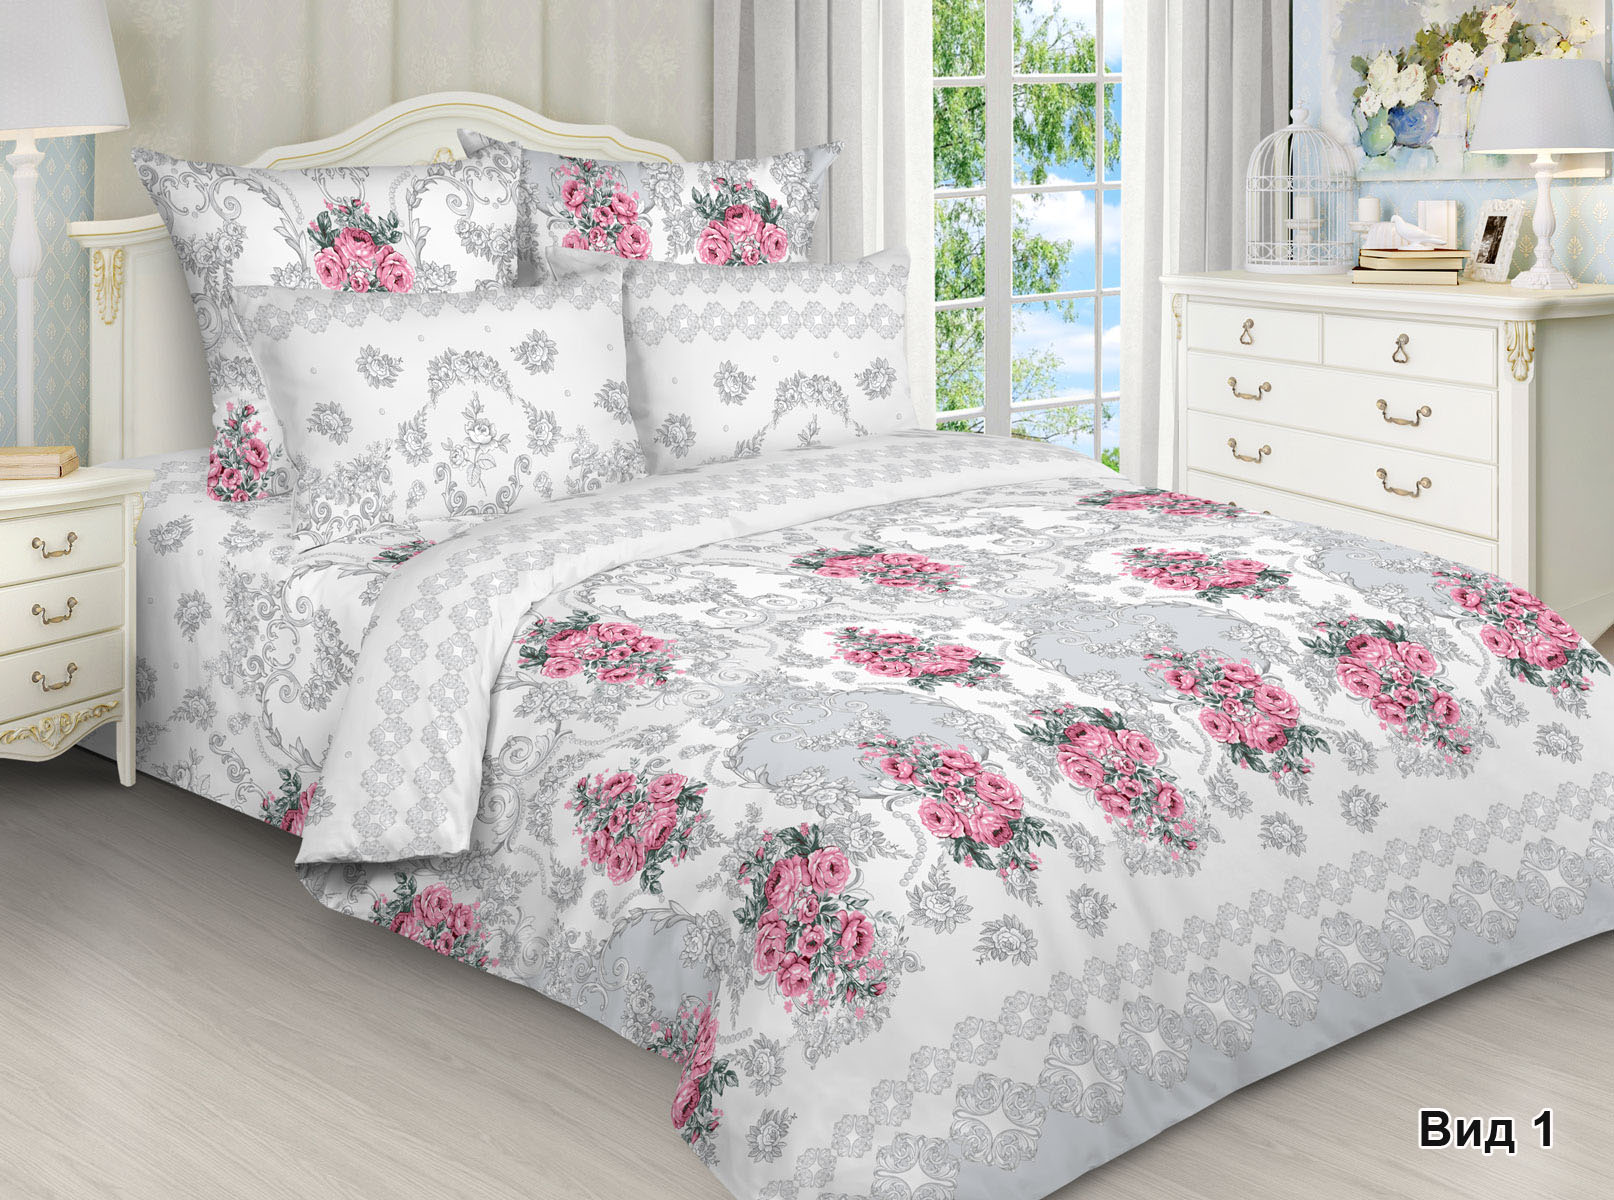 Лардо ткани официальный сайт каталог куплю ткани для швейного производства